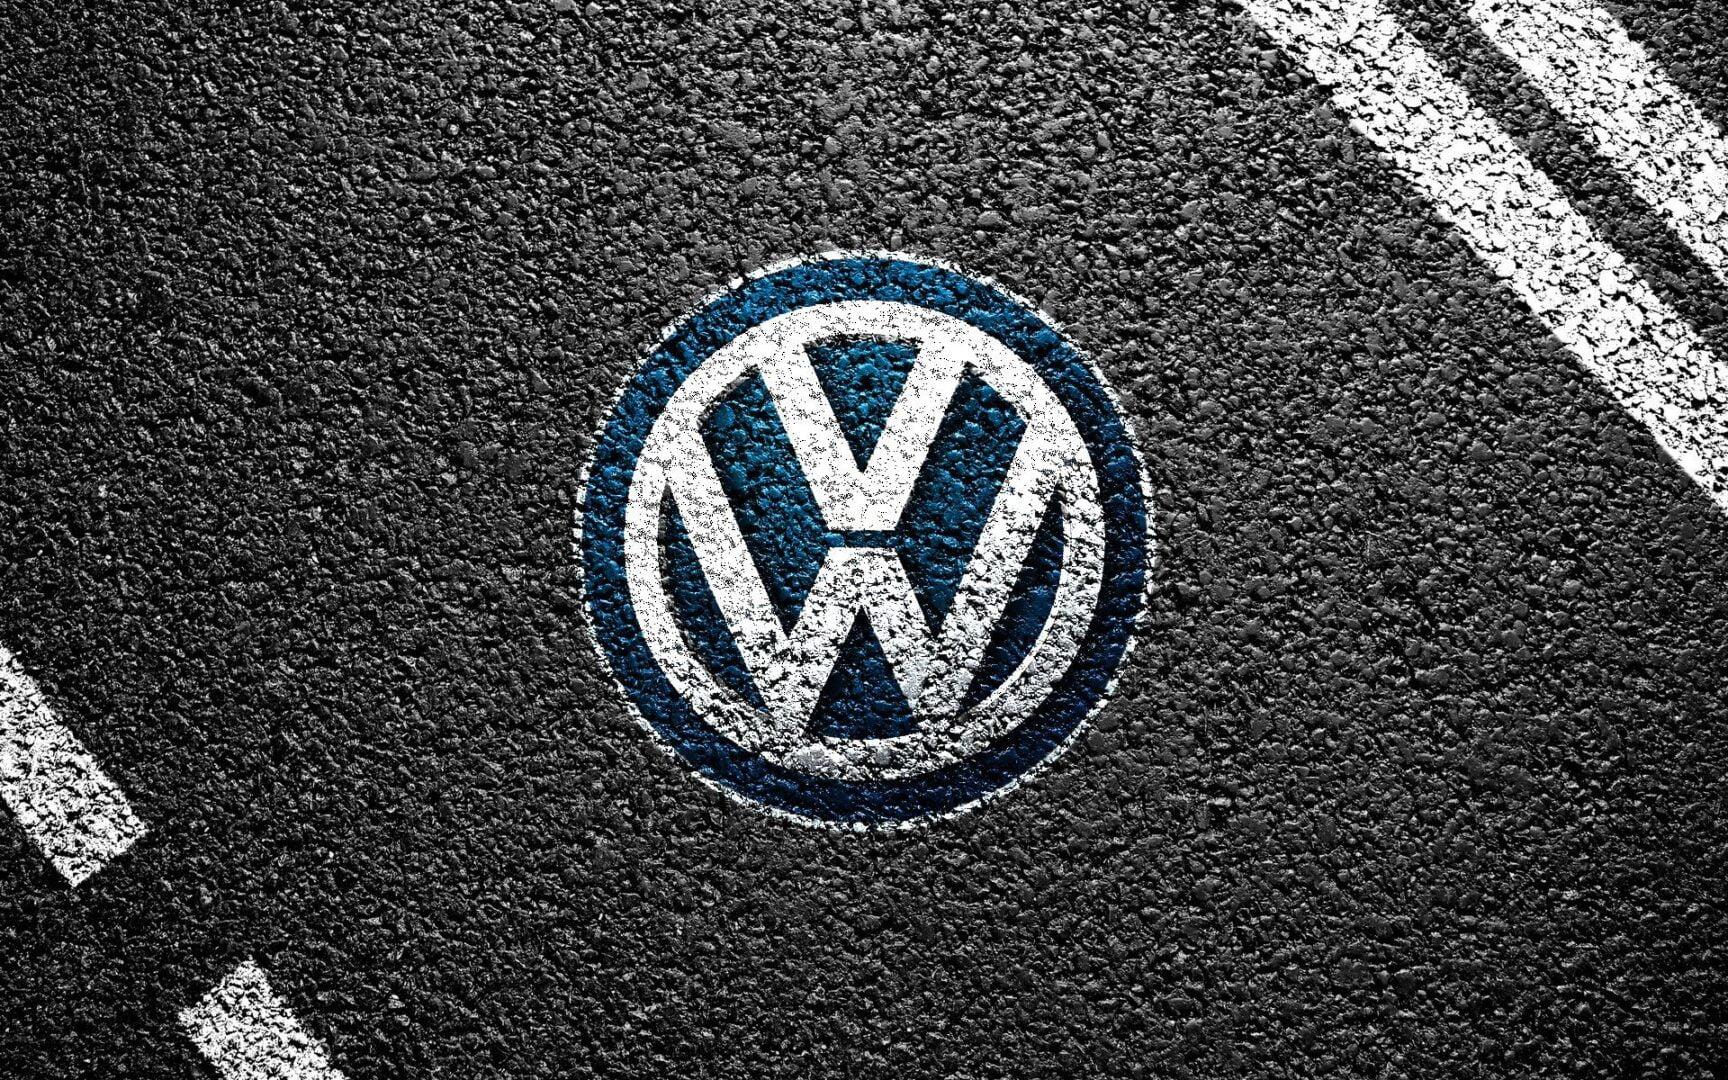 Δεύτερη αναβολή της VW για εργοστάσιο στην Τουρκία